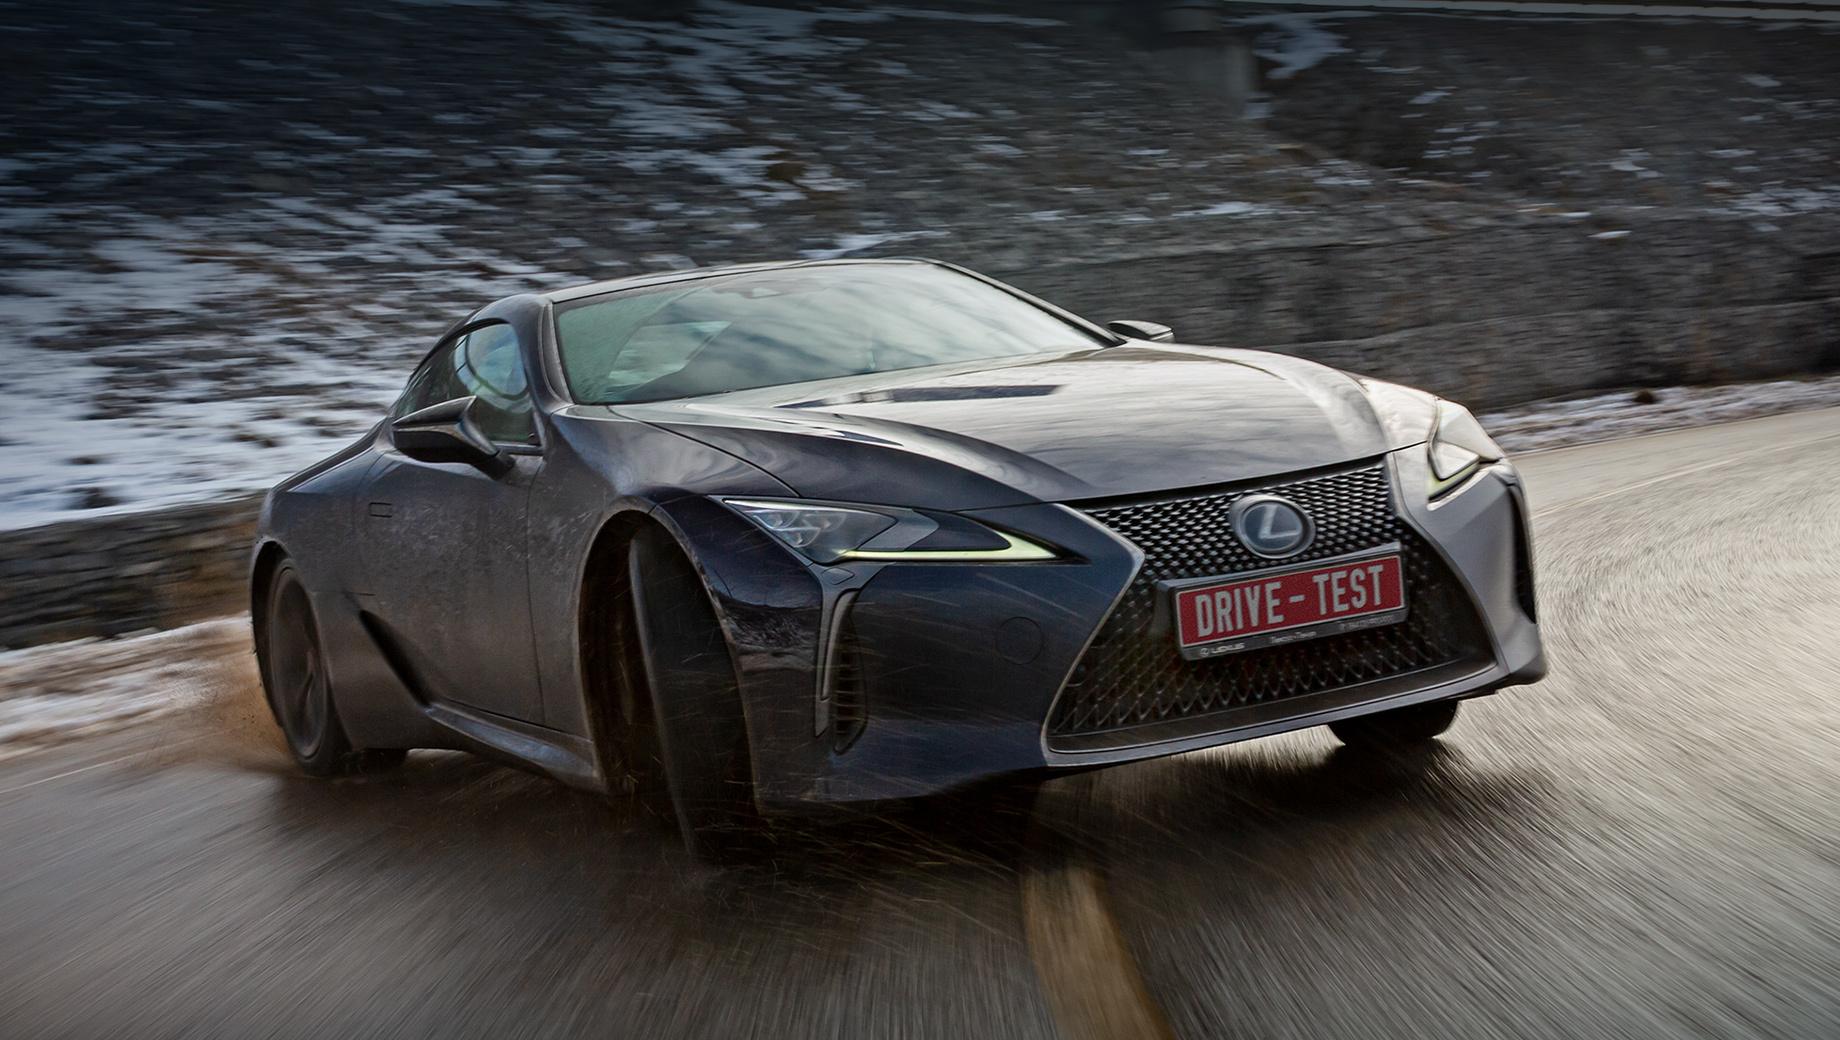 Lexus lc. Мягкой зиме не удалось поставить Lexus в затруднительное положение. В отличие от погоды, он оправдал и даже превзошёл ожидания. Купе не навязывает свой стиль вождения, подстраивается под водителя и не кажется остро технологичным. По нынешним временам это скорее плюс.